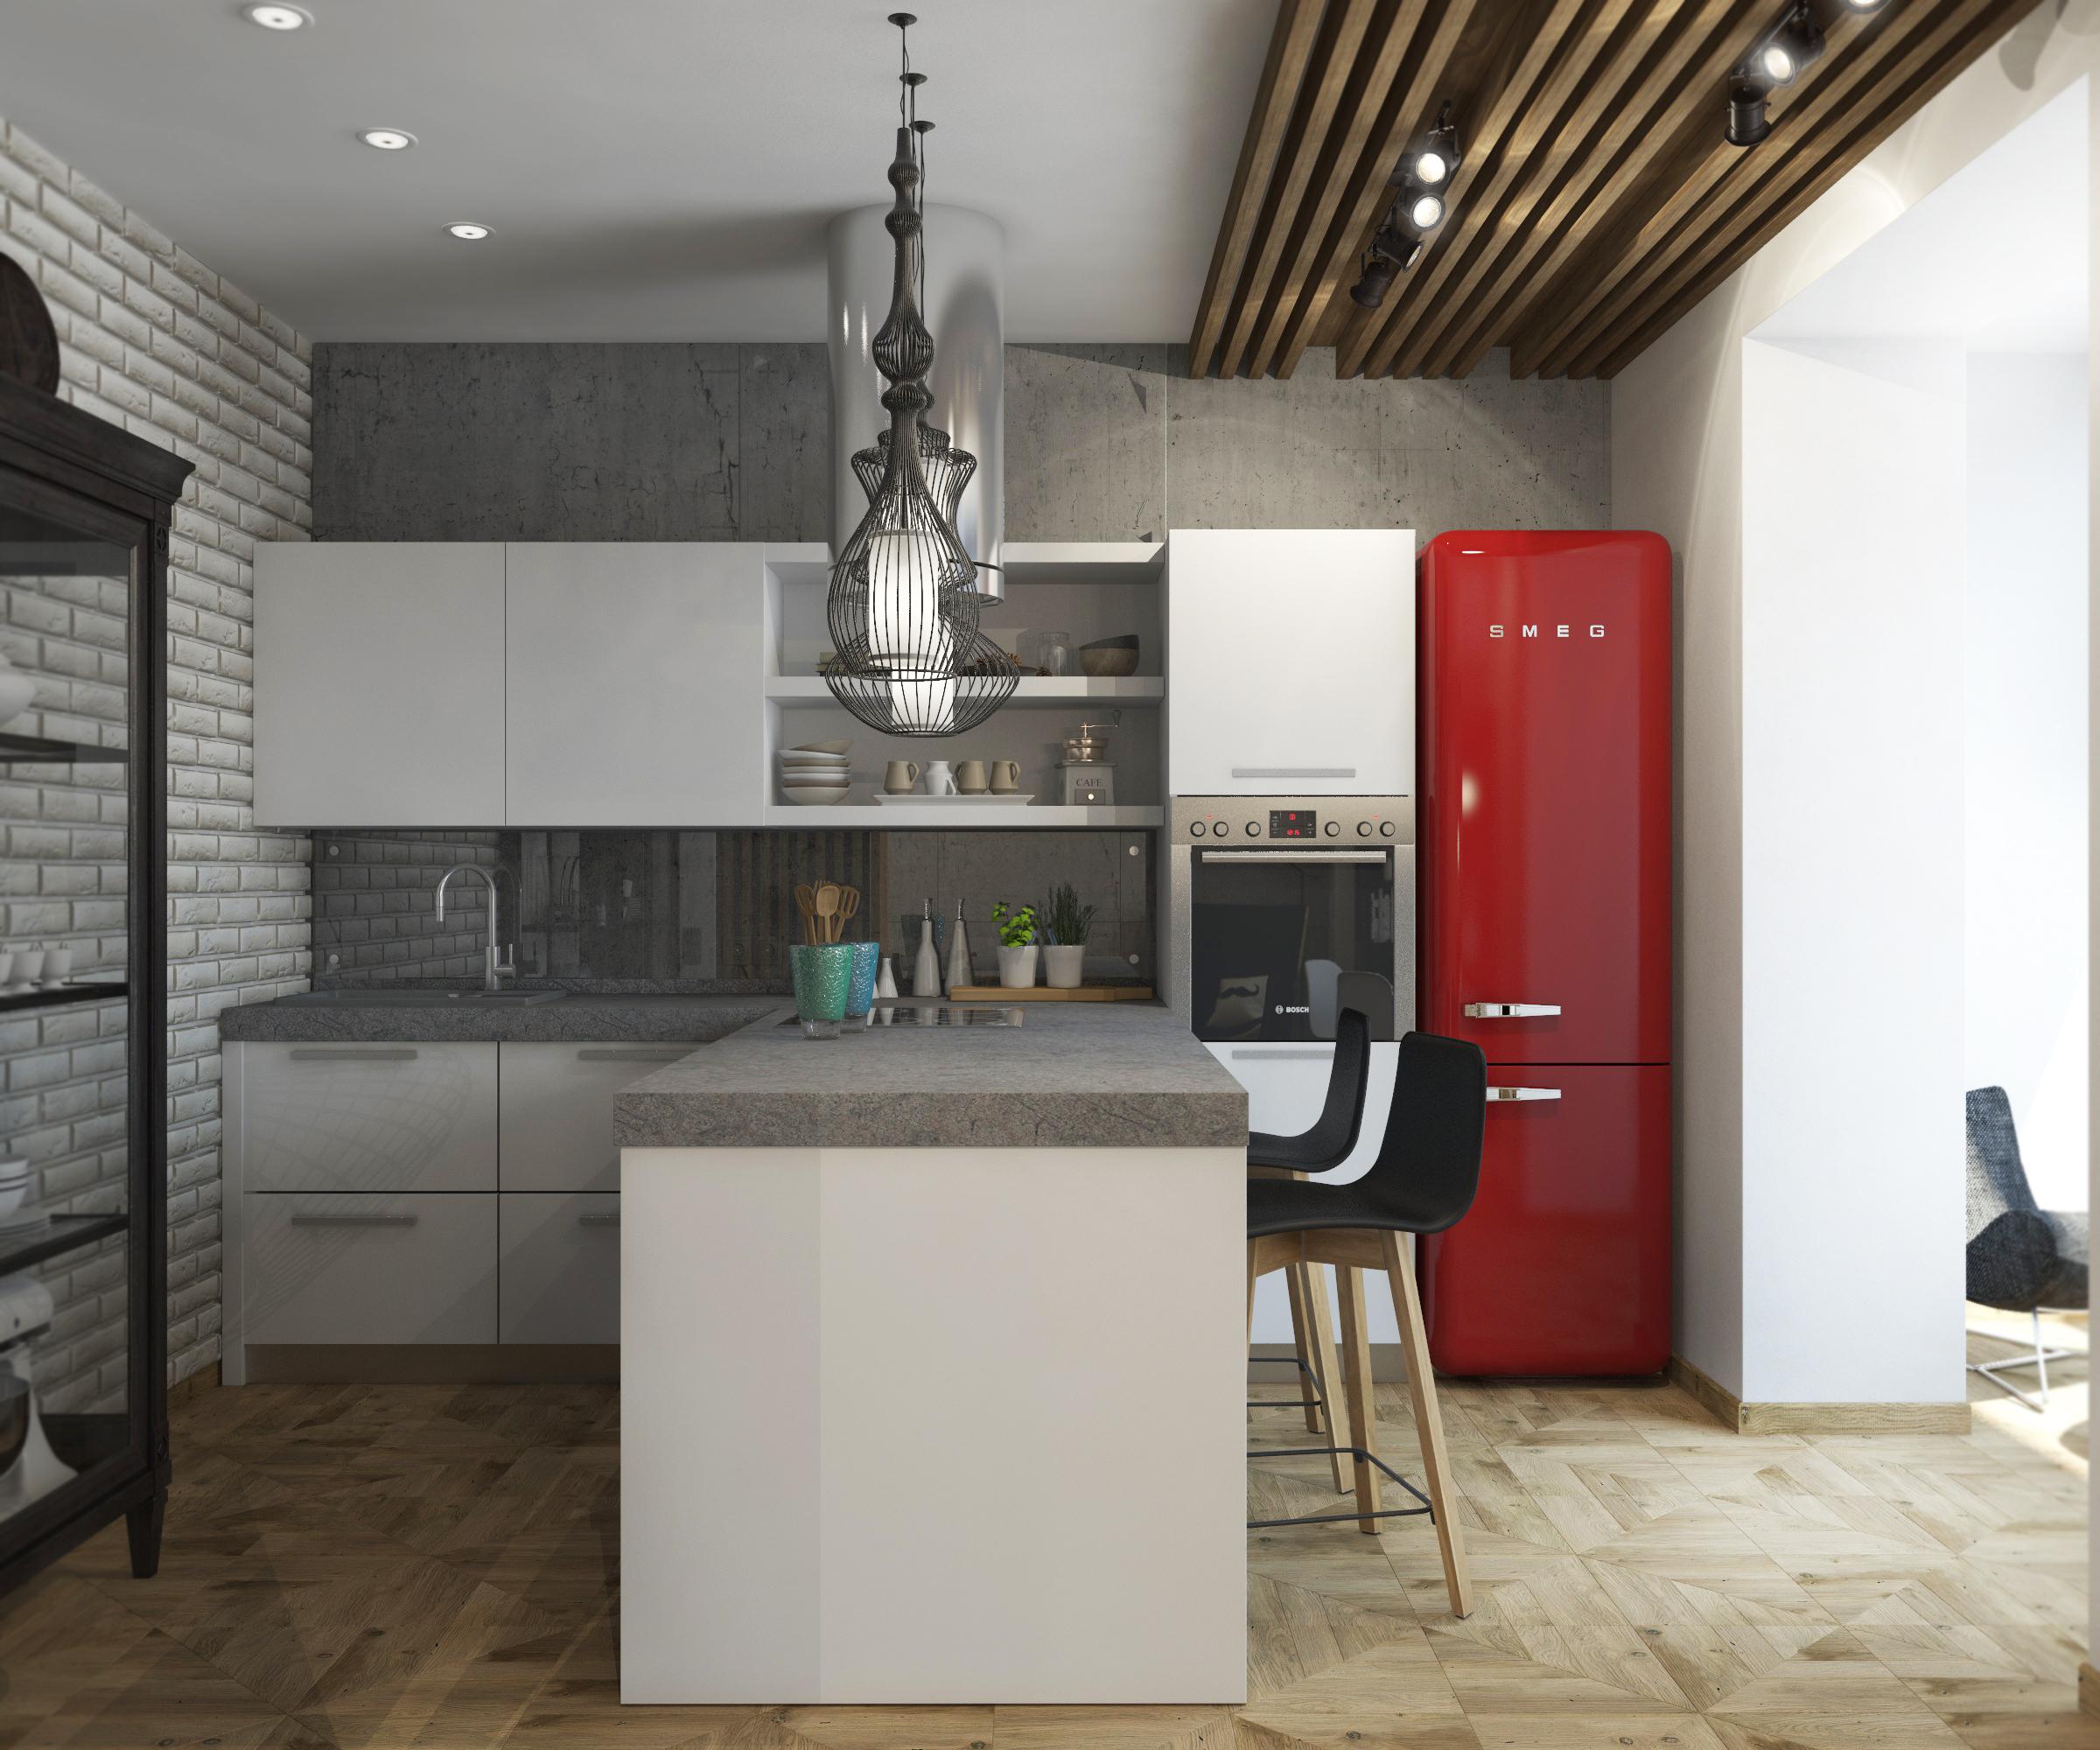 современная кухня гостиная с элементами стиля Loft галерея 3dddru